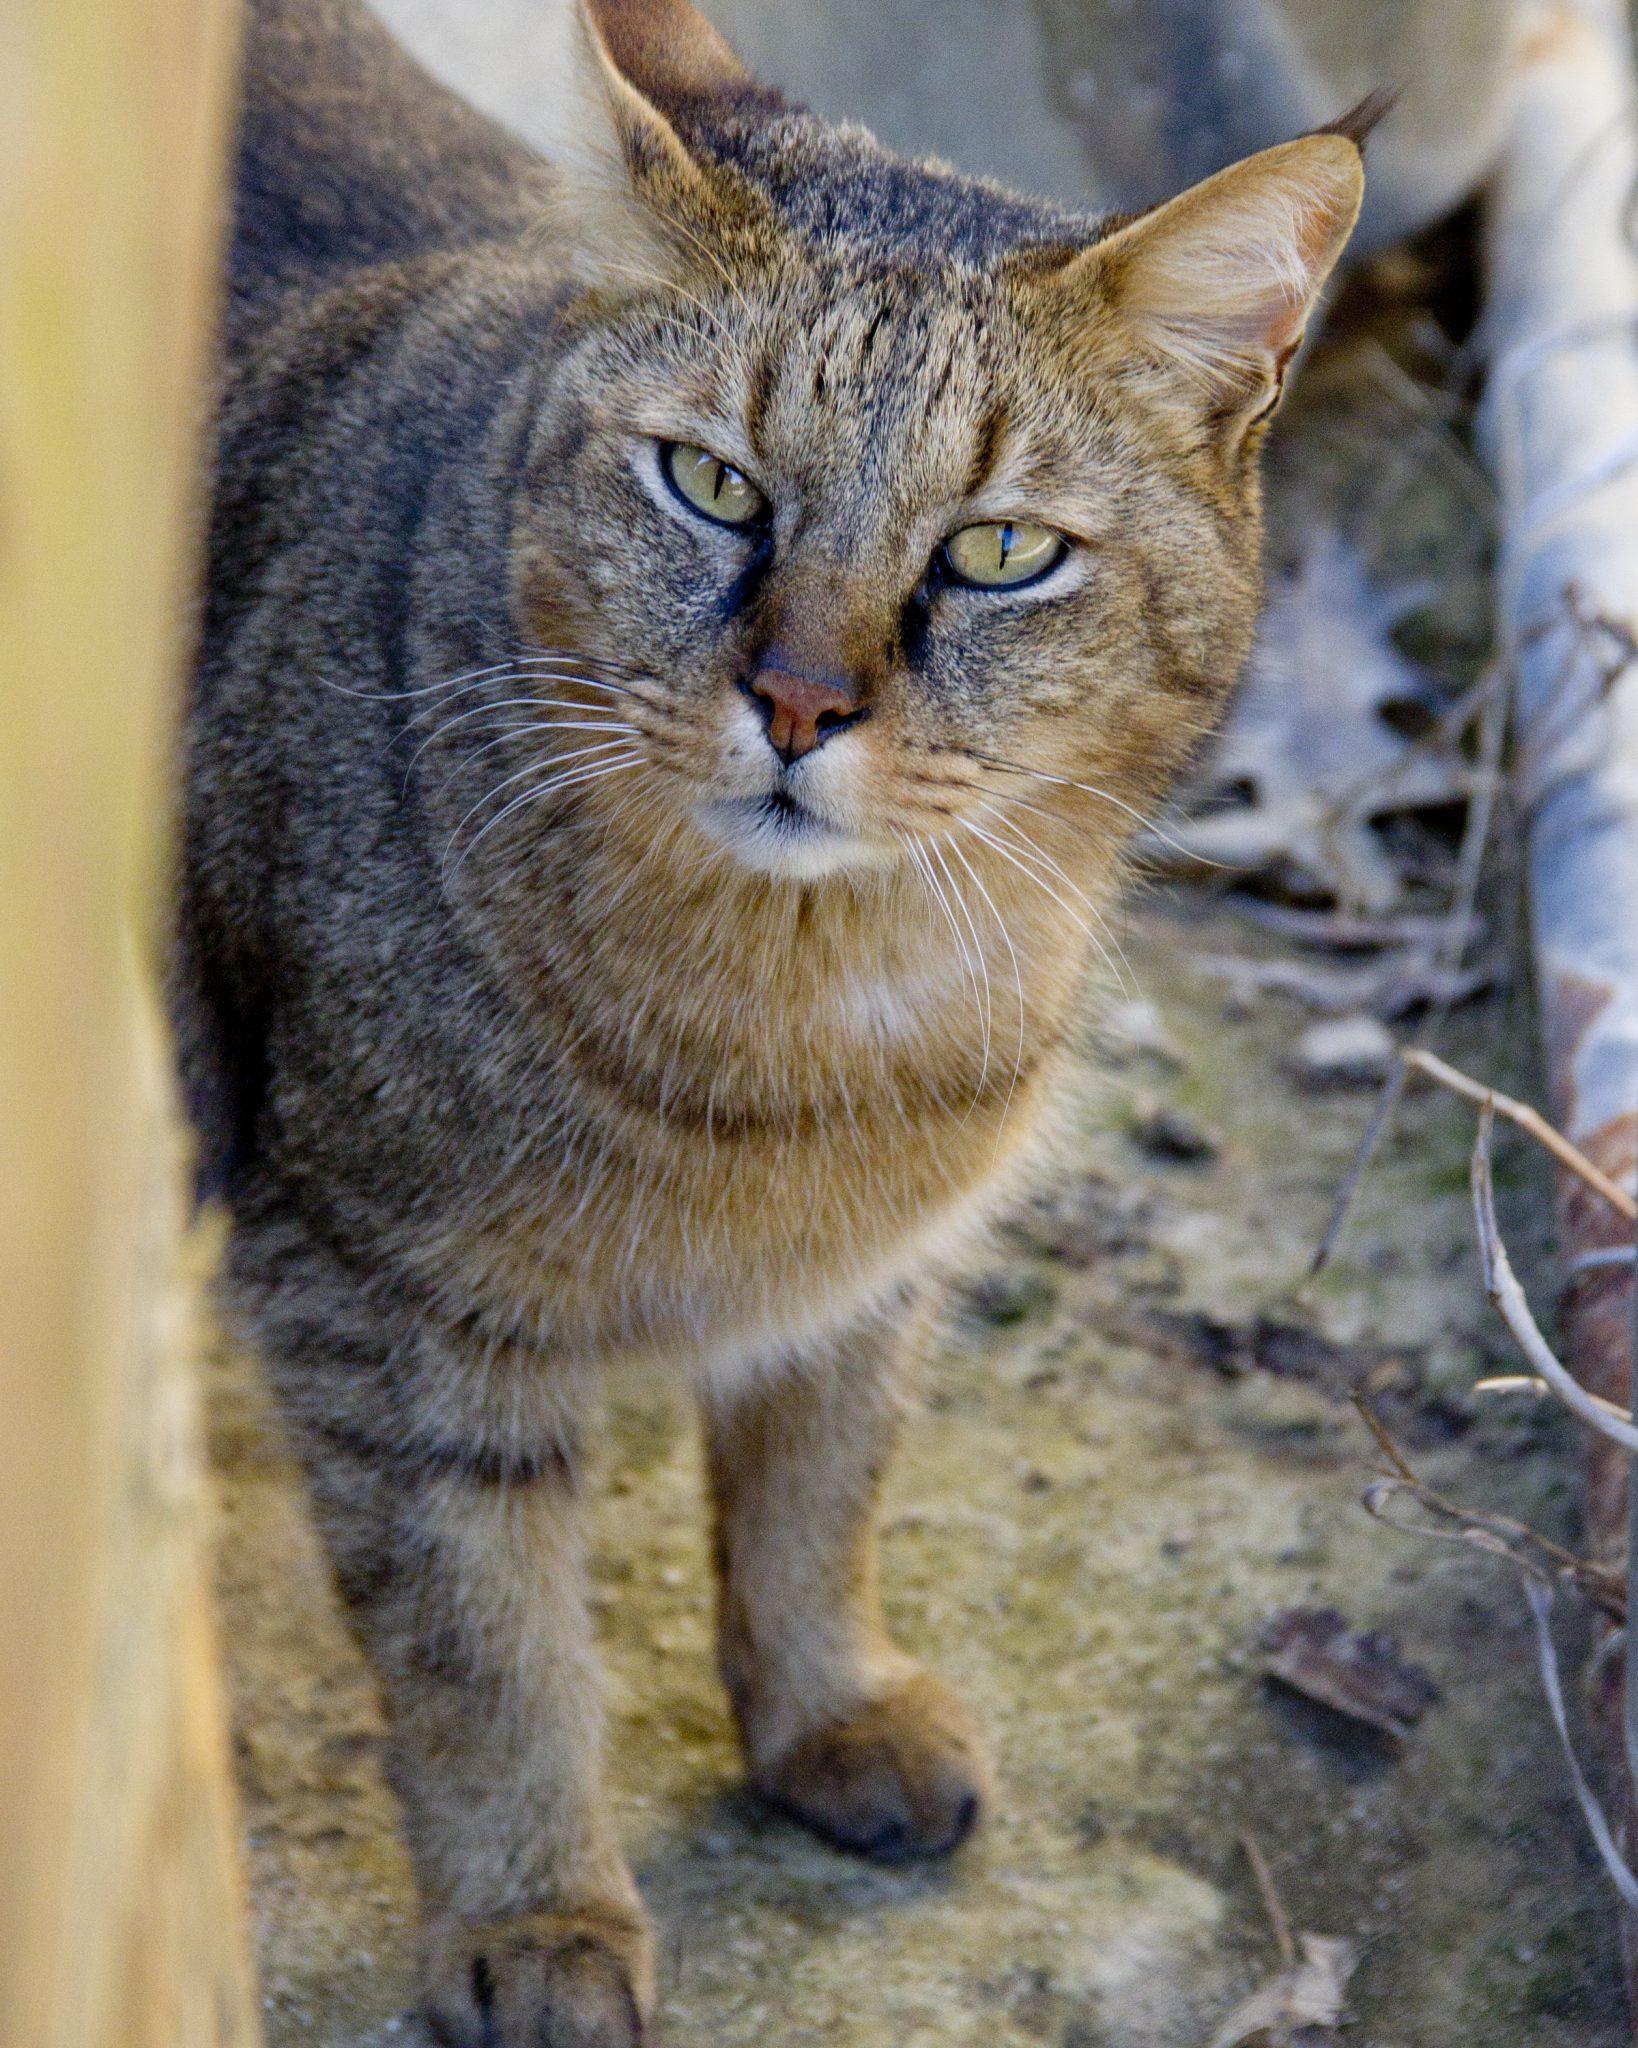 Chausie Cat: Chausie Termite Chausie Cat Breed